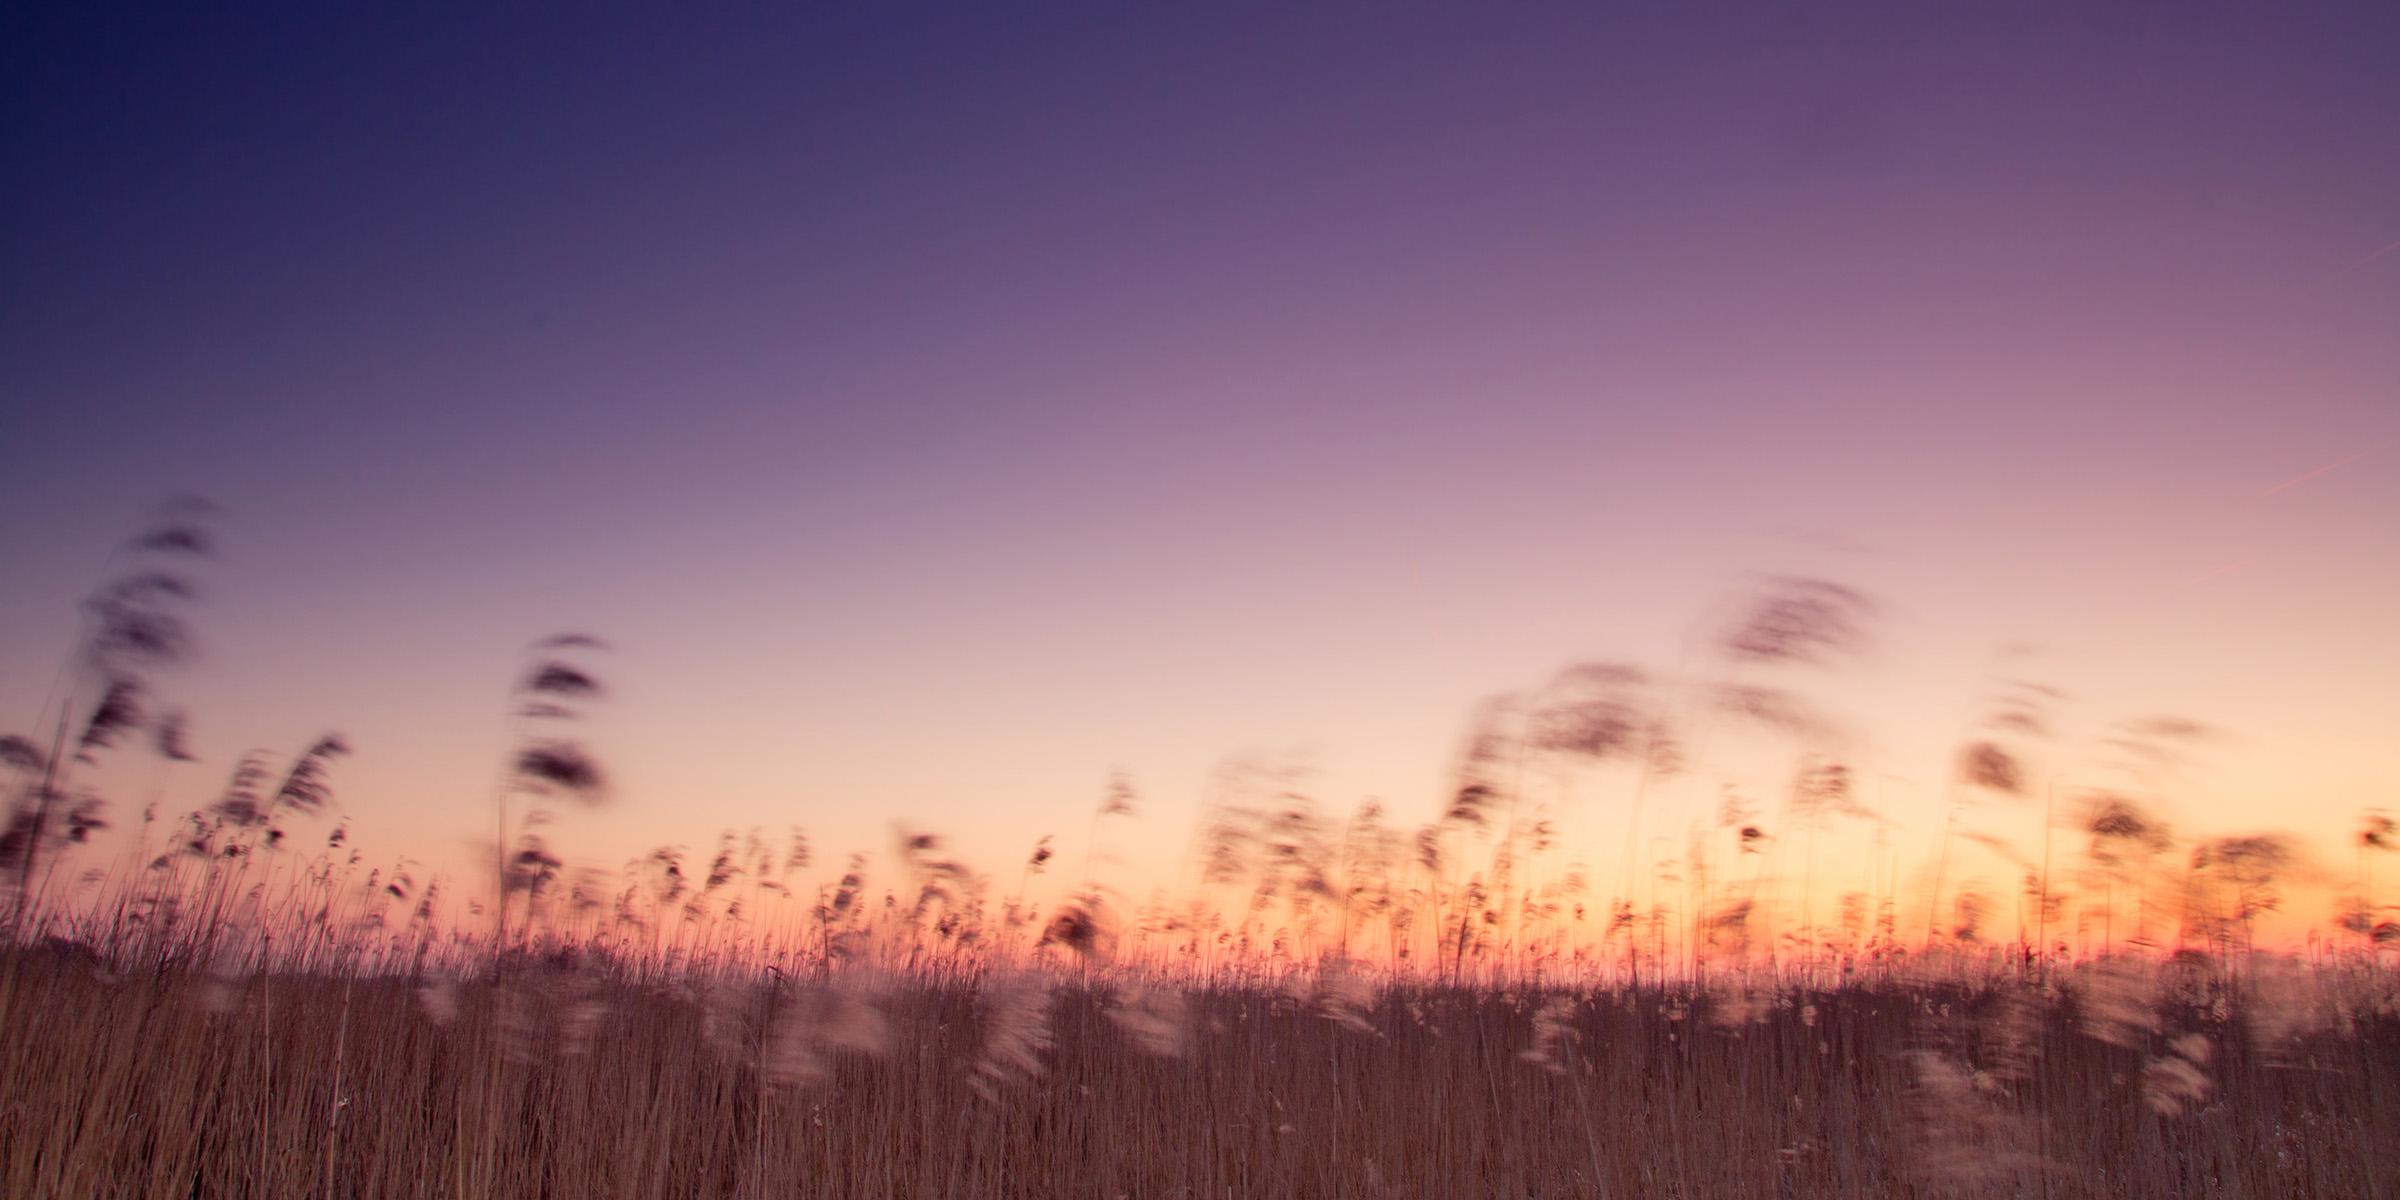 Landschafsfotografie von Alexander Zachen, Balance-Photography